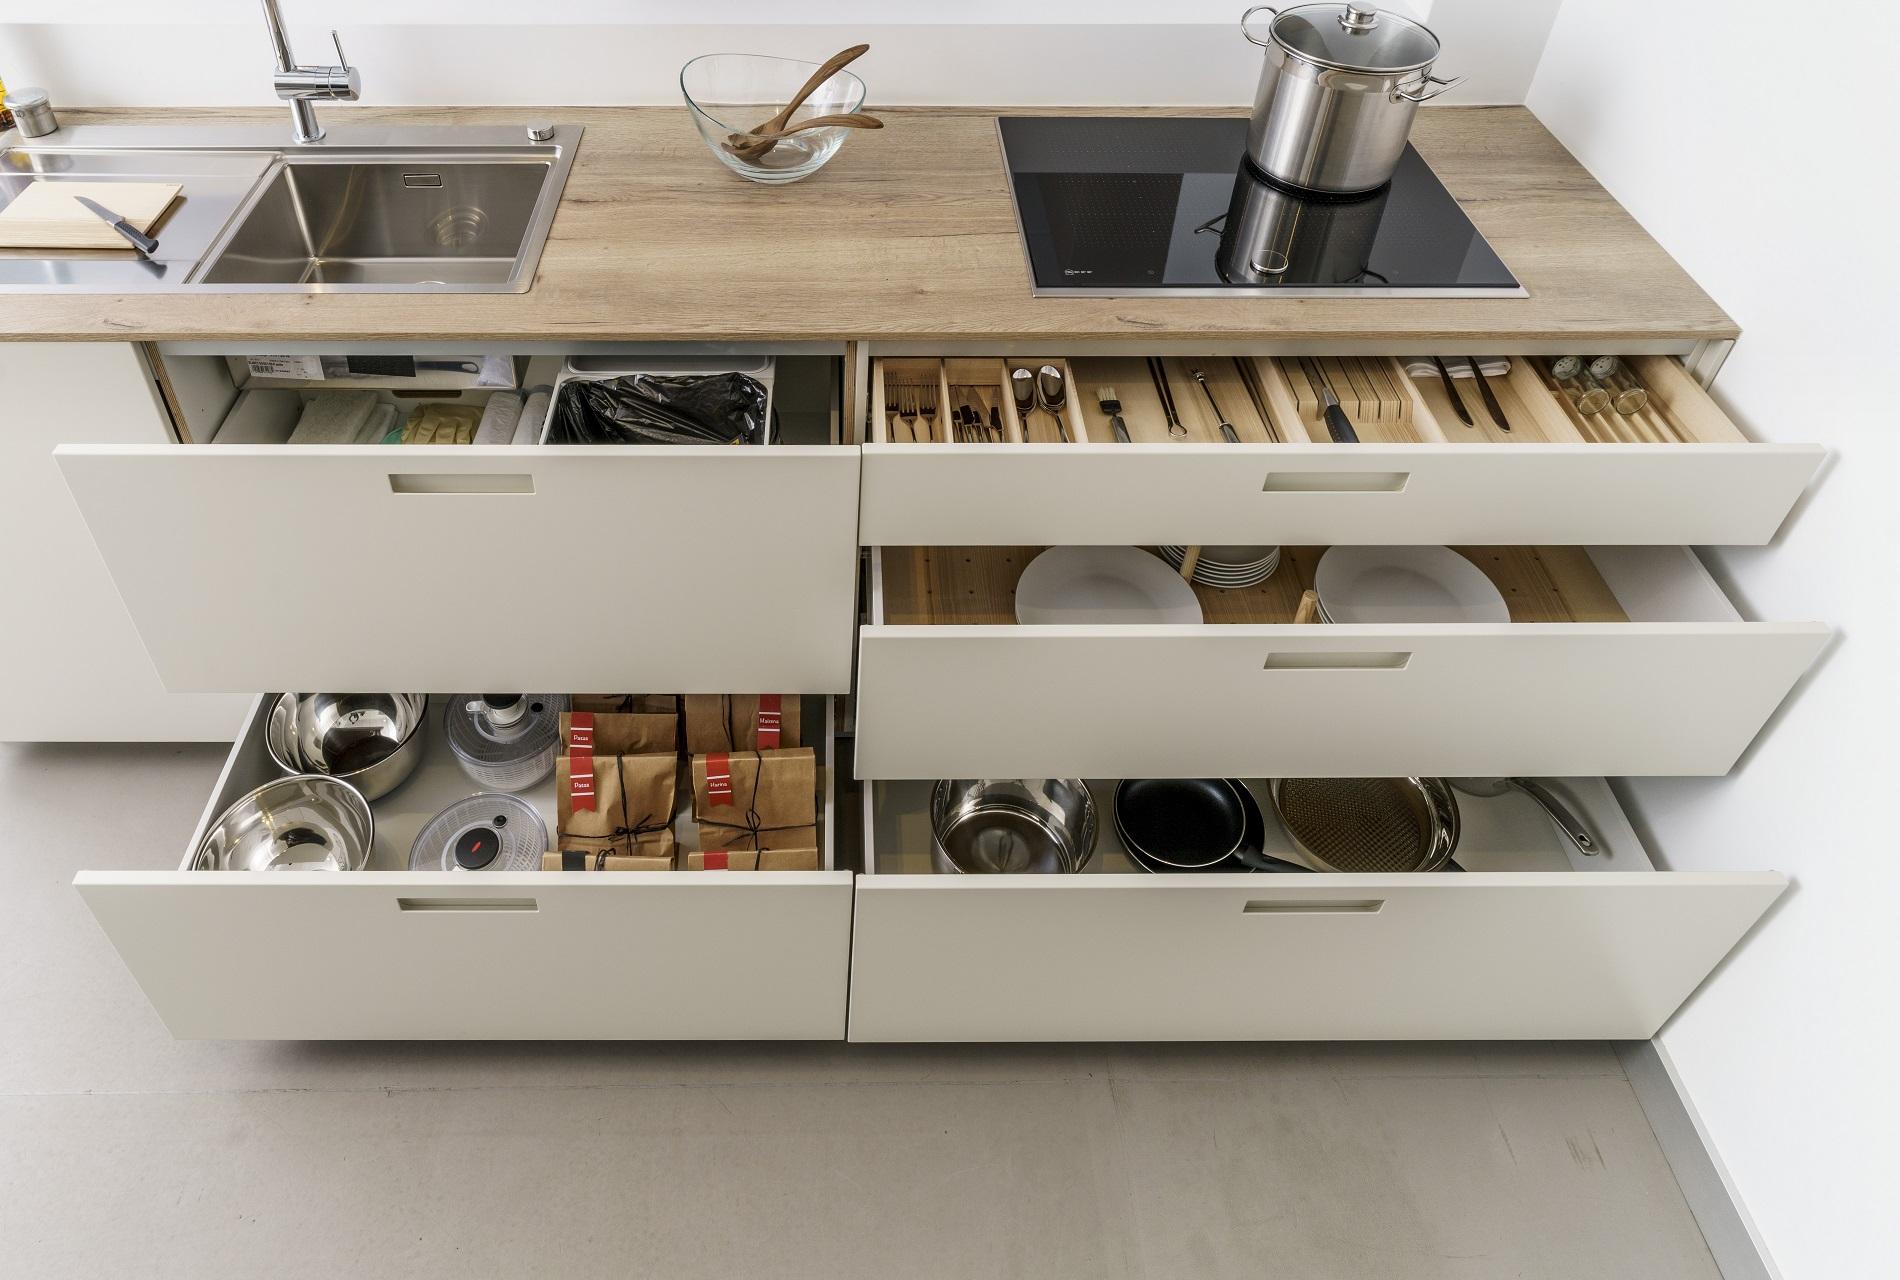 Image muebles-santos-karmel-liquidacion-santiago